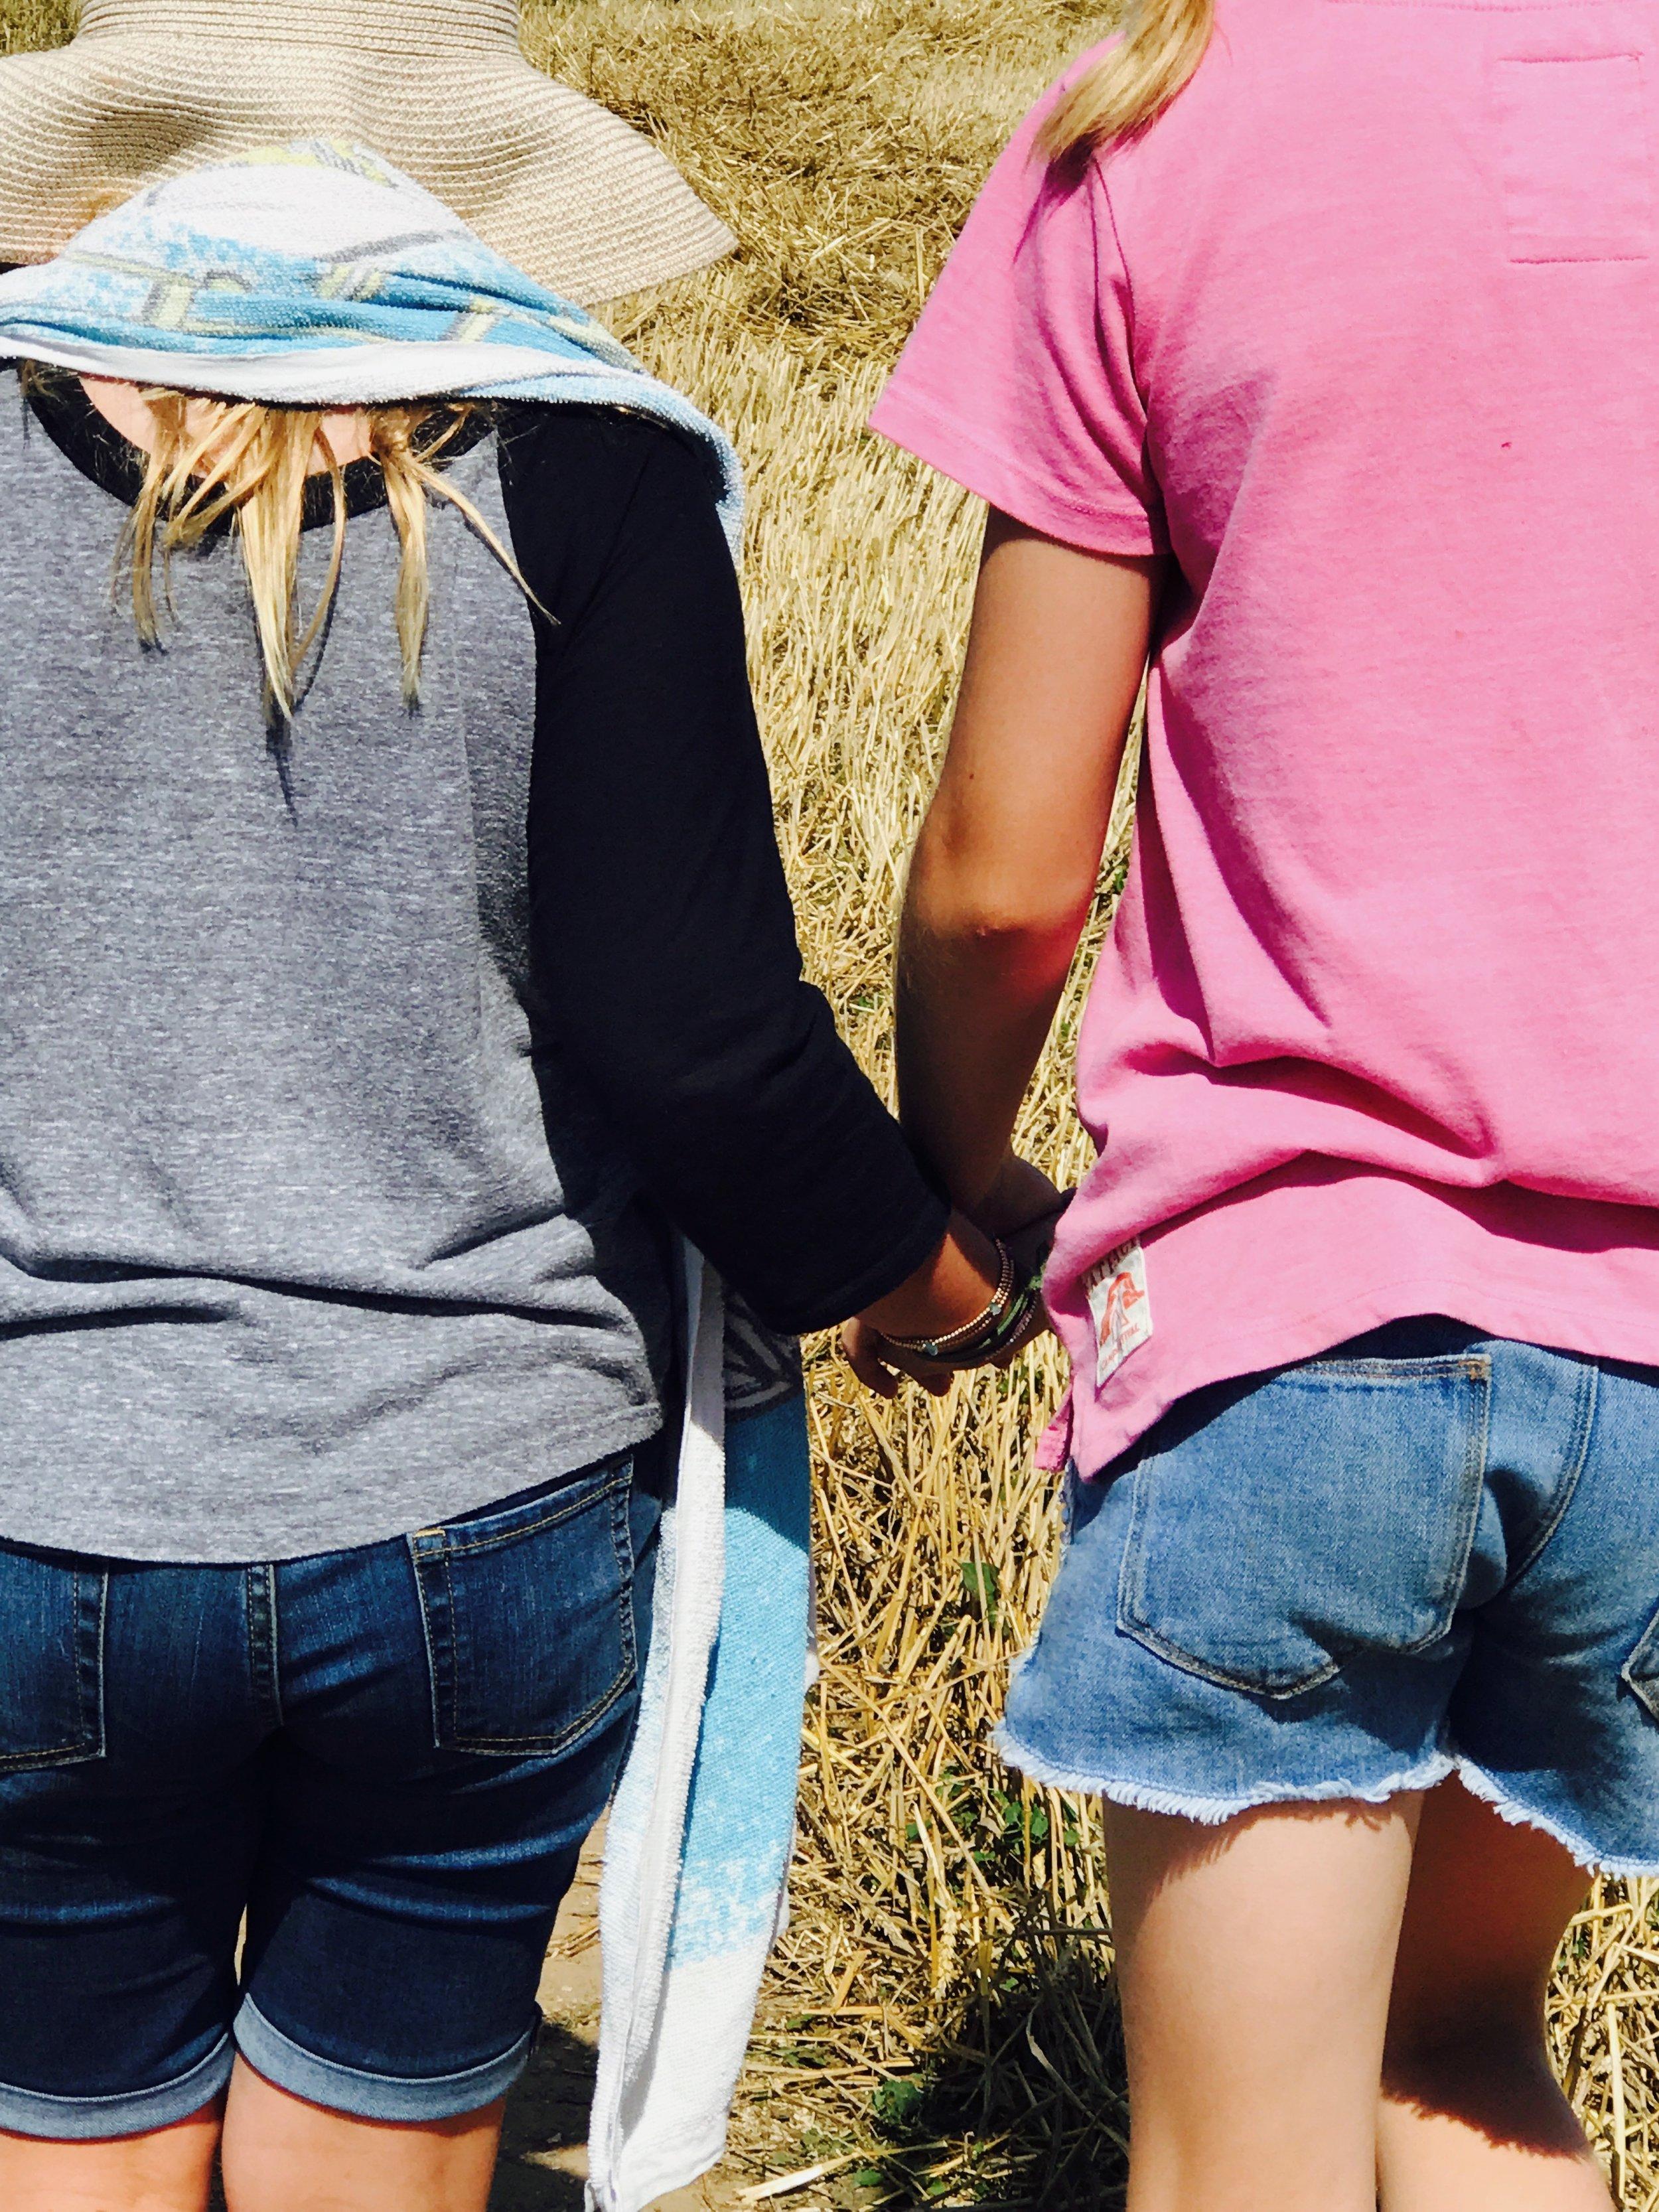 Kids Holding Hands.jpeg